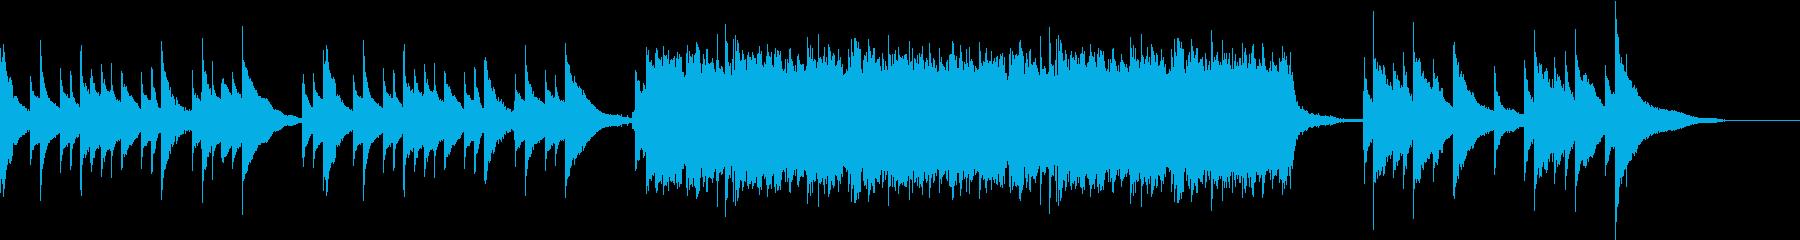 夏の終わりを表現した楽曲の再生済みの波形